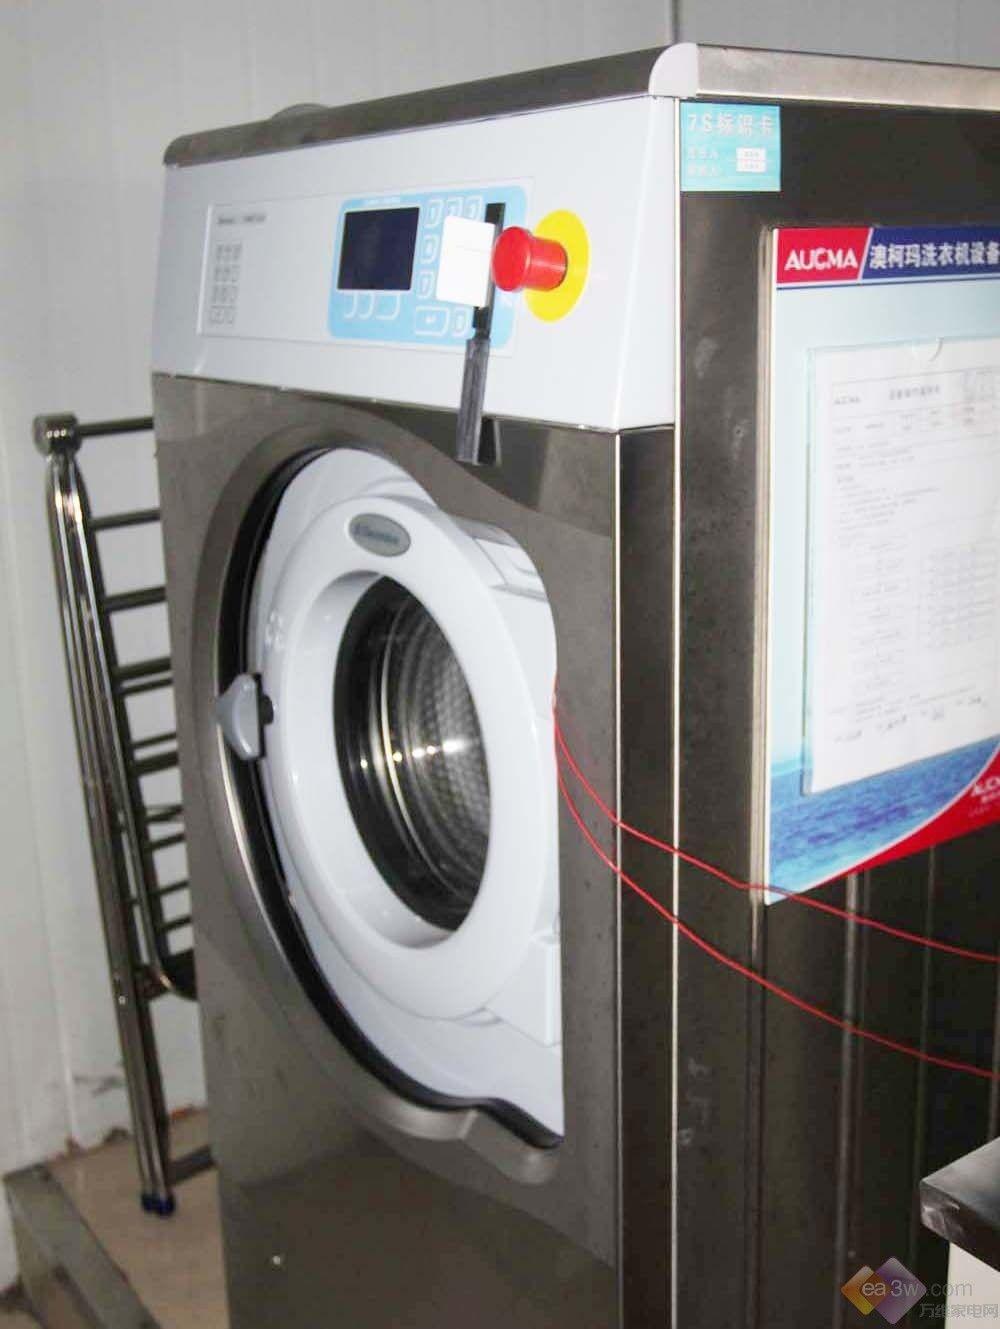 洗衣机从钢板、配件到成品,要经过多道严谨的组装工序,从生产车间到消费者家庭,要经历层层关卡,这样才能确保洗衣机的安全性与可靠性。那么一台洗衣机究竟要经受住什么样的考验,才能进入销售渠道呢?工厂对生产的洗衣机进行哪些抽样检验呢?万维家电网的记者近日来到了澳柯玛洗衣机检测中心进行实地参观,为大家带来最直观、详尽的报道。下面就跟随笔者一起来探秘澳柯玛洗衣机实验室吧!